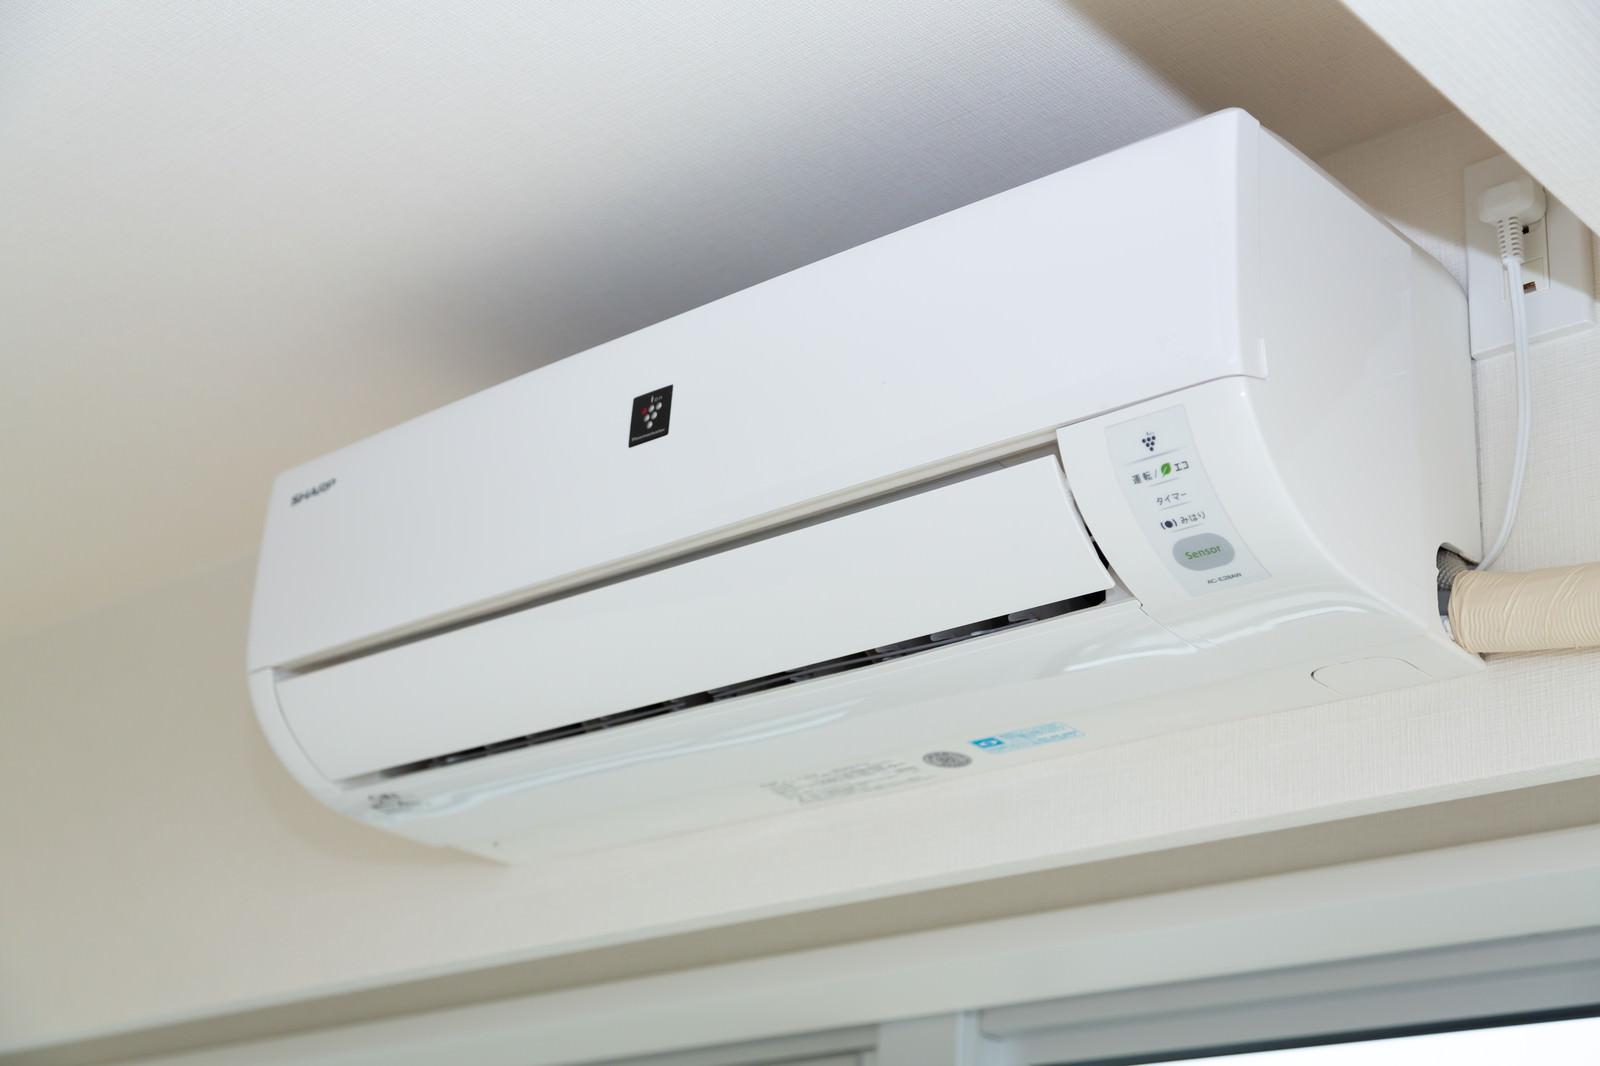 受験生にやってほしい早起きのコツ『エアコンのタイマーを設定しておく』